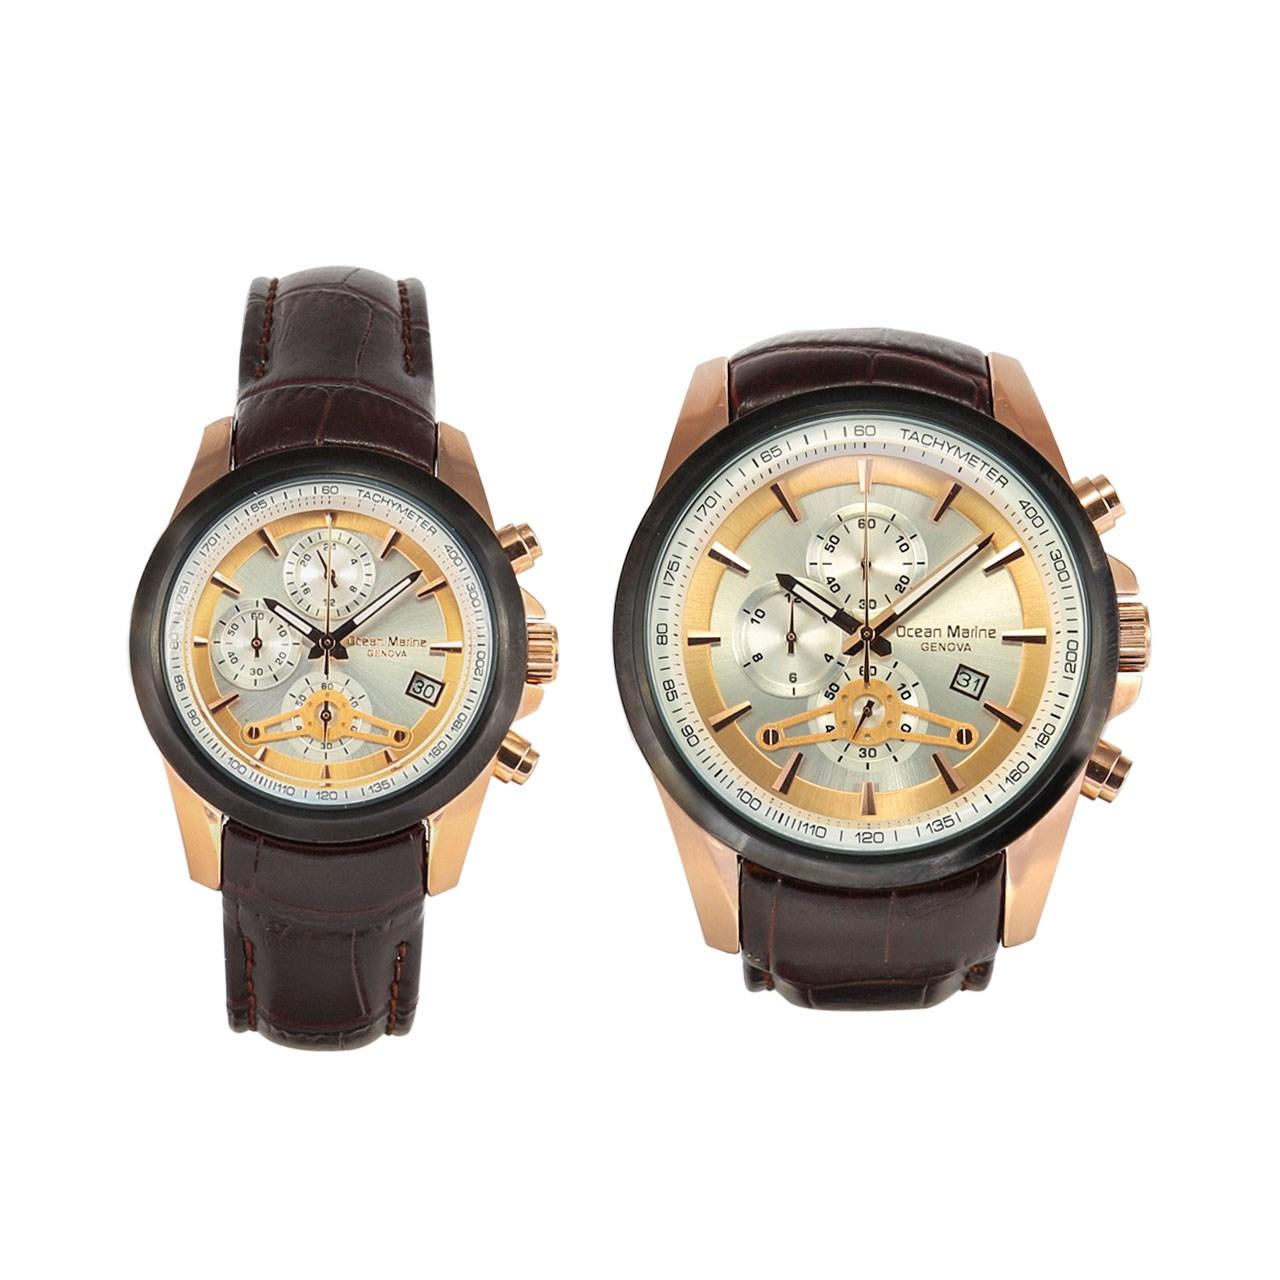 ساعت ست مردانه و زنانه اوشن مارین مدل OM-8102L-2 و OM-8102G-2 24